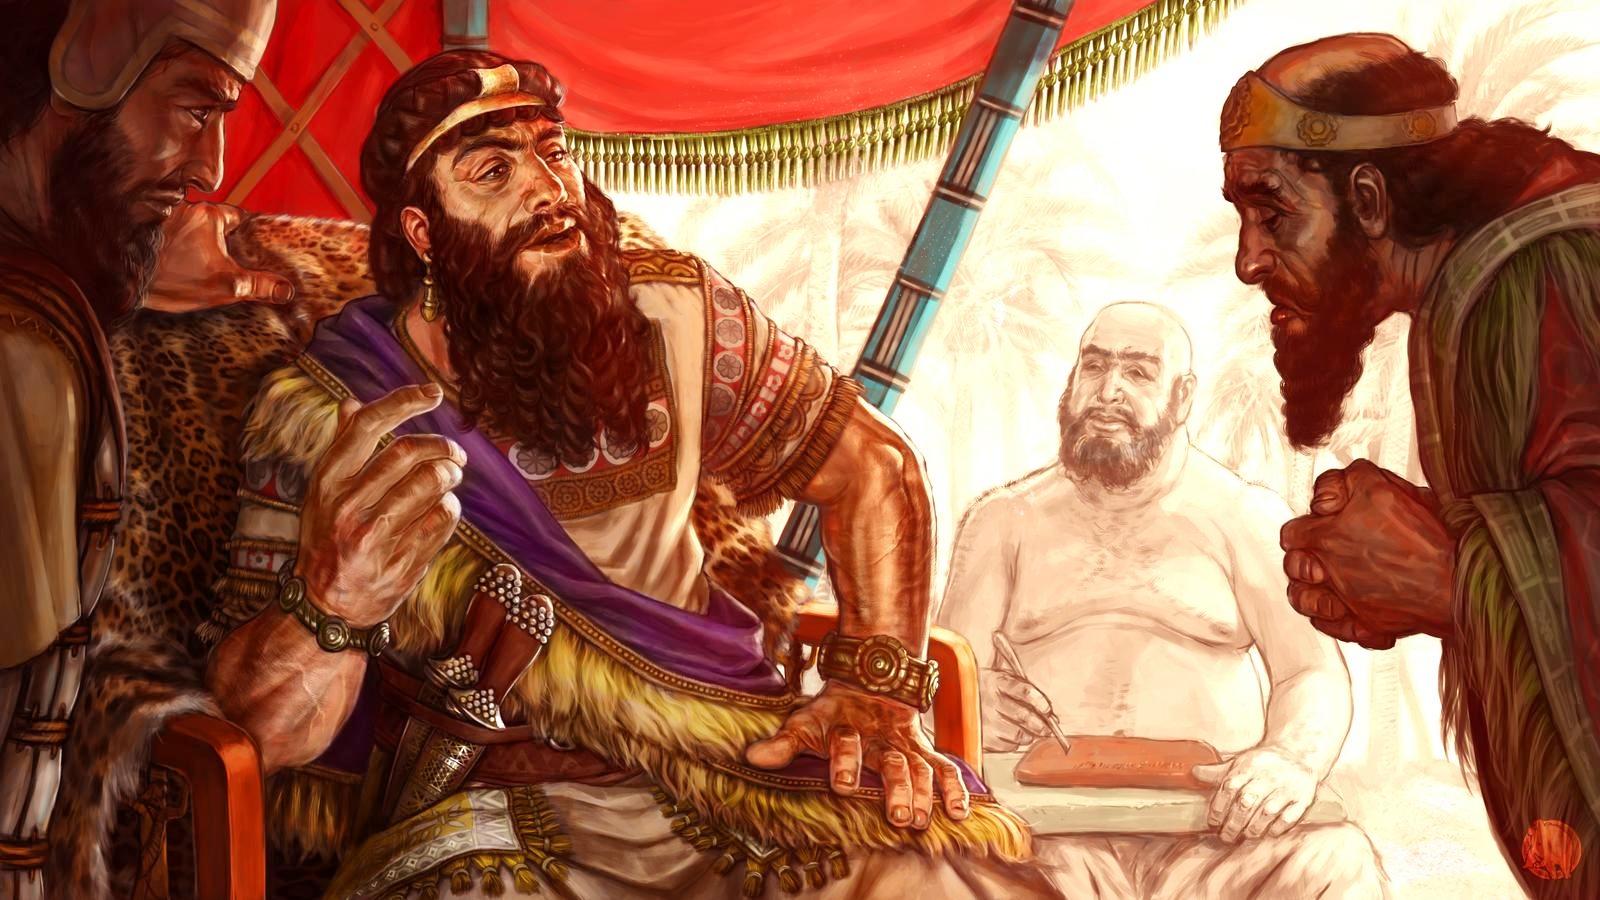 Sargon đang nói chuyện với thuộc hạ của mình. Ảnh: Deviant Art.